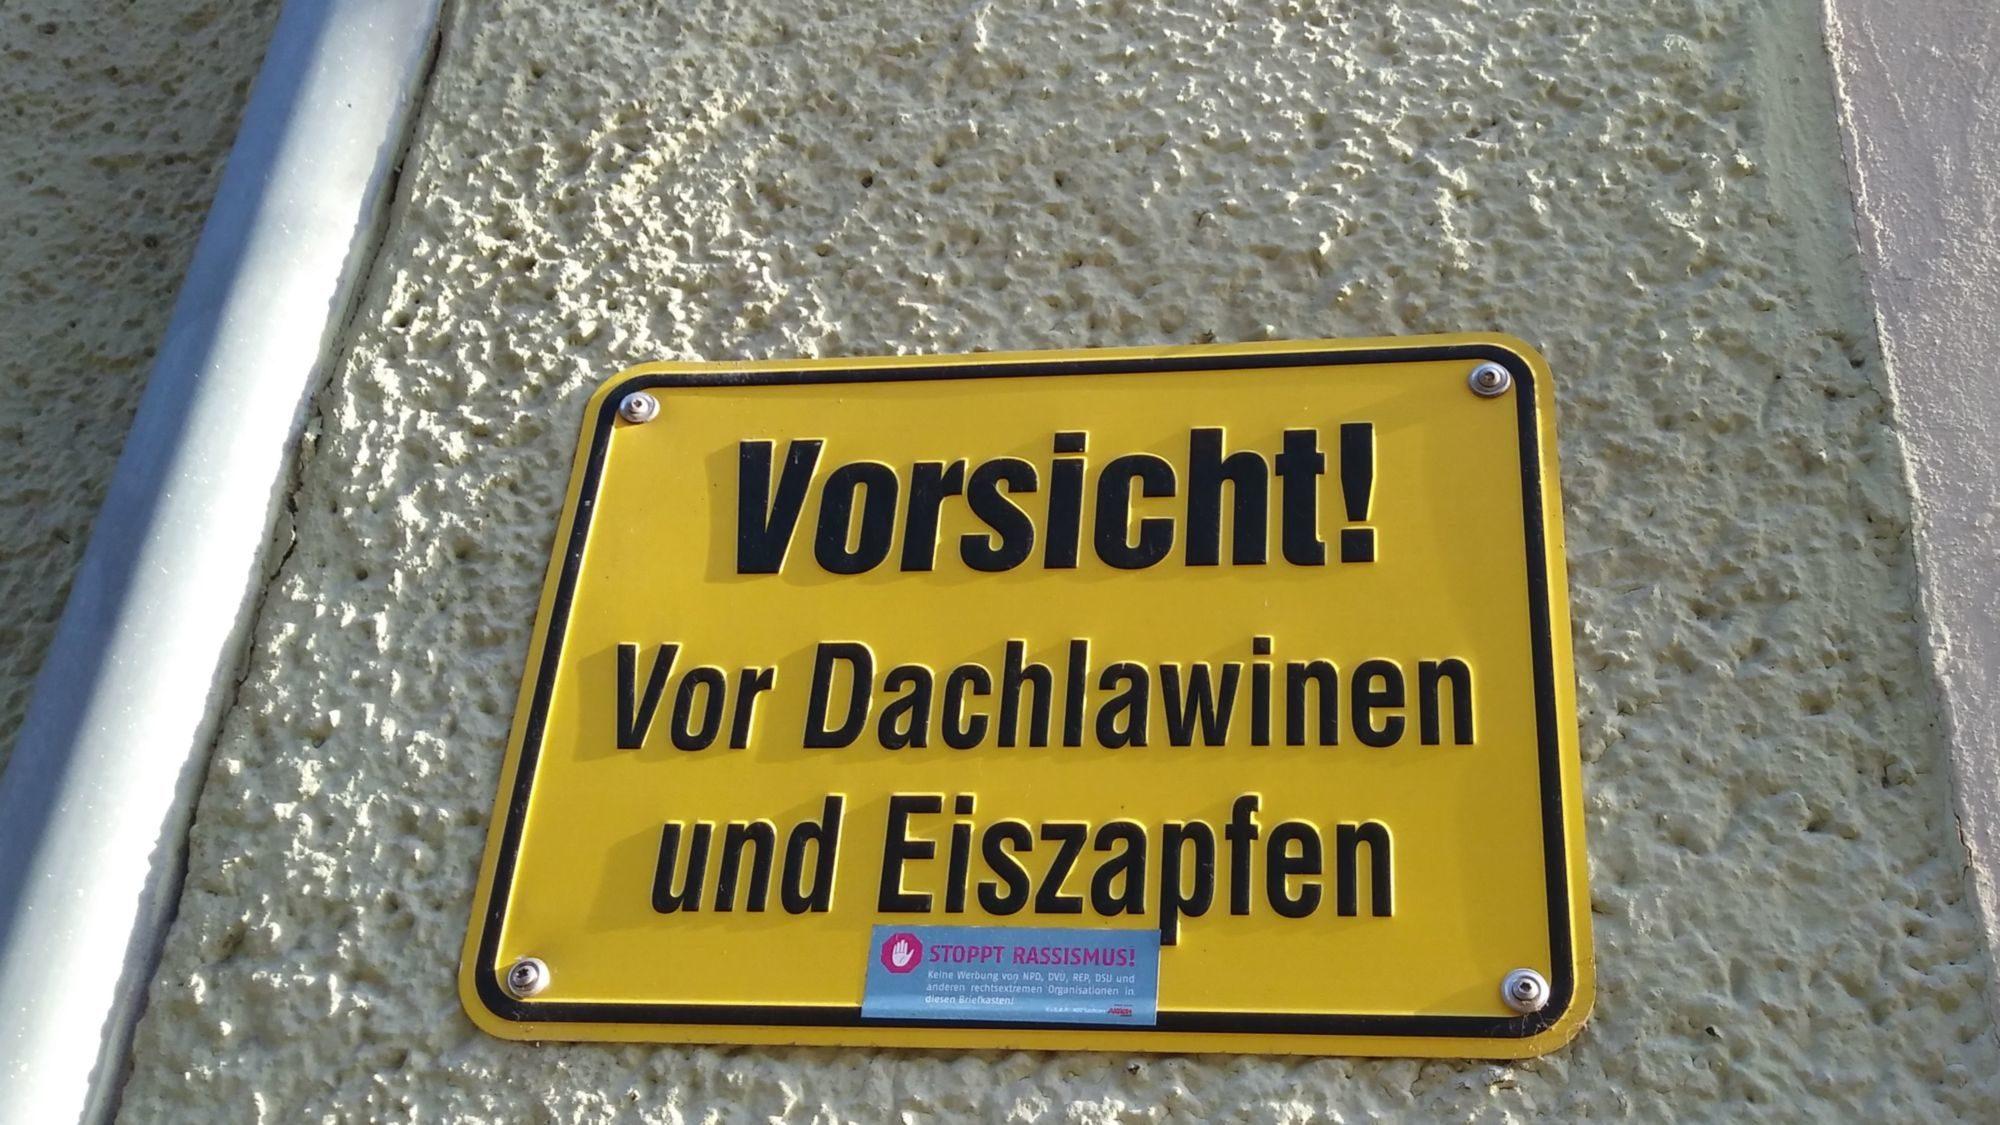 Eiszapfenwarnschild auf der Prießnitzstraße